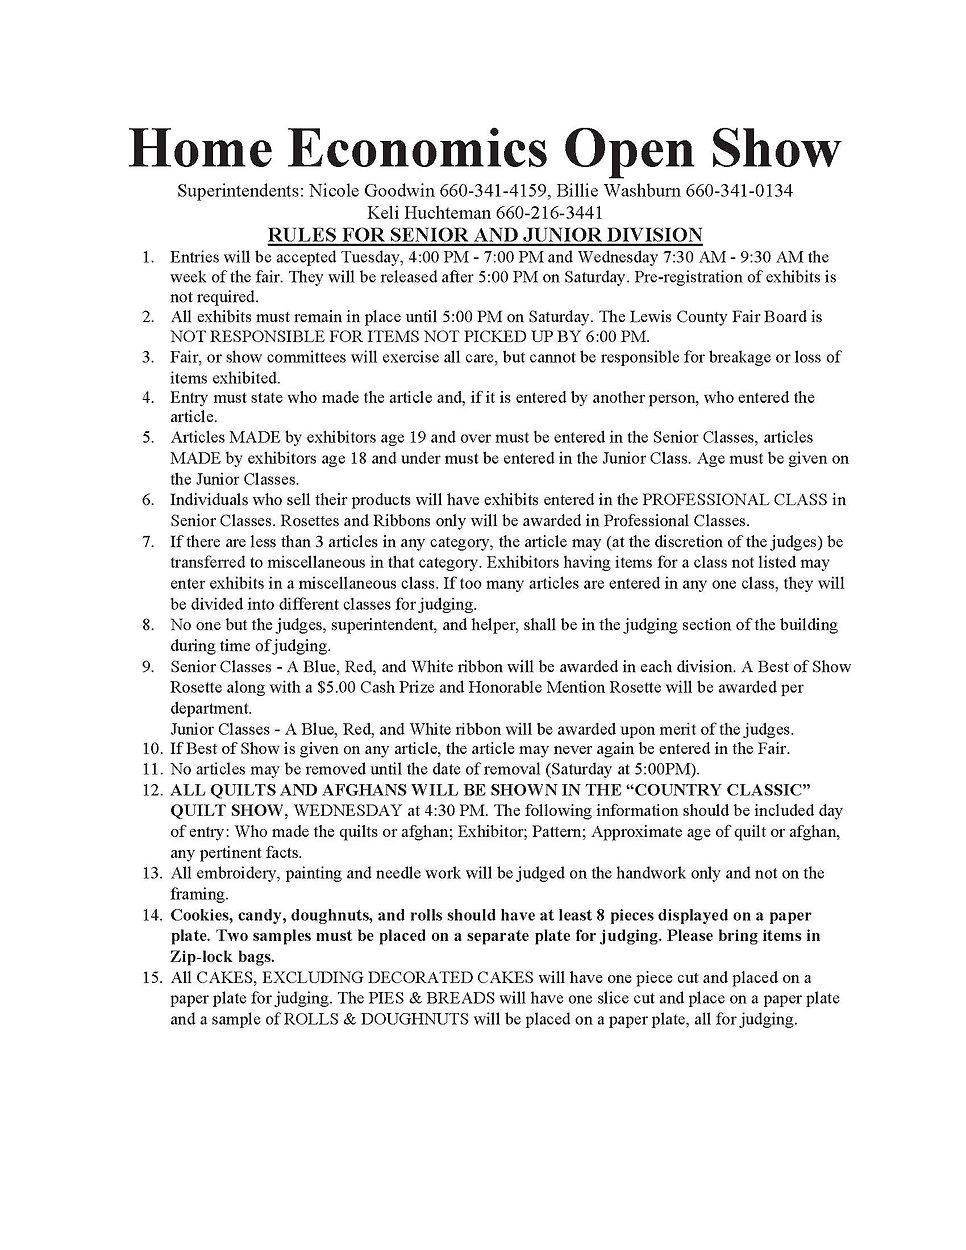 Home Ec. Open Show Book-part-1.jpg